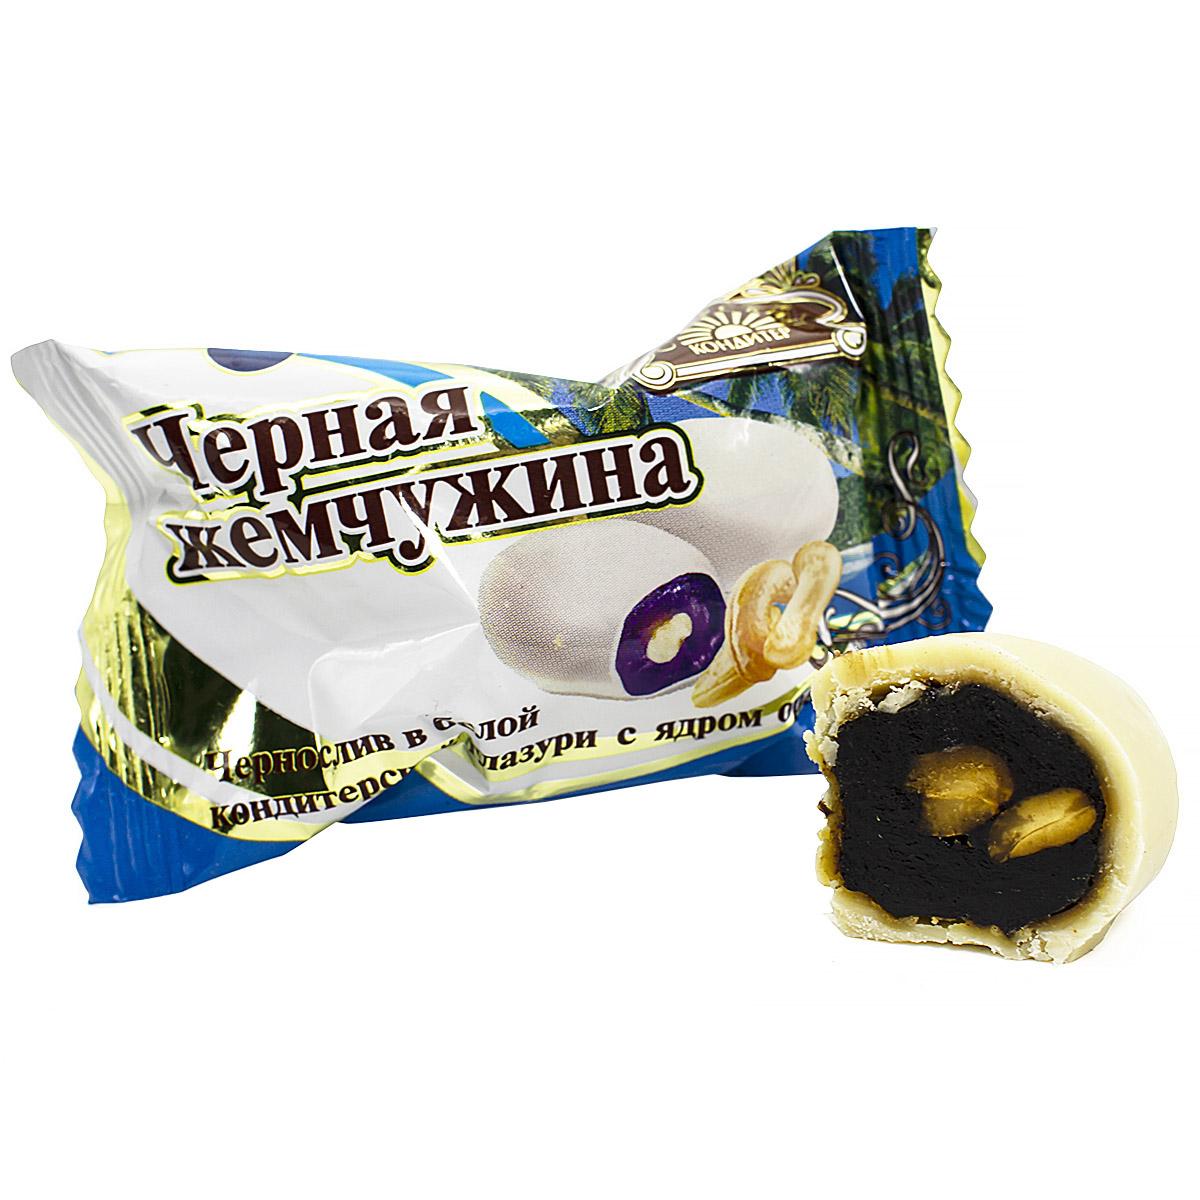 Конфеты Черная жемчужина, весовые киви в белом шоколаде 150 г